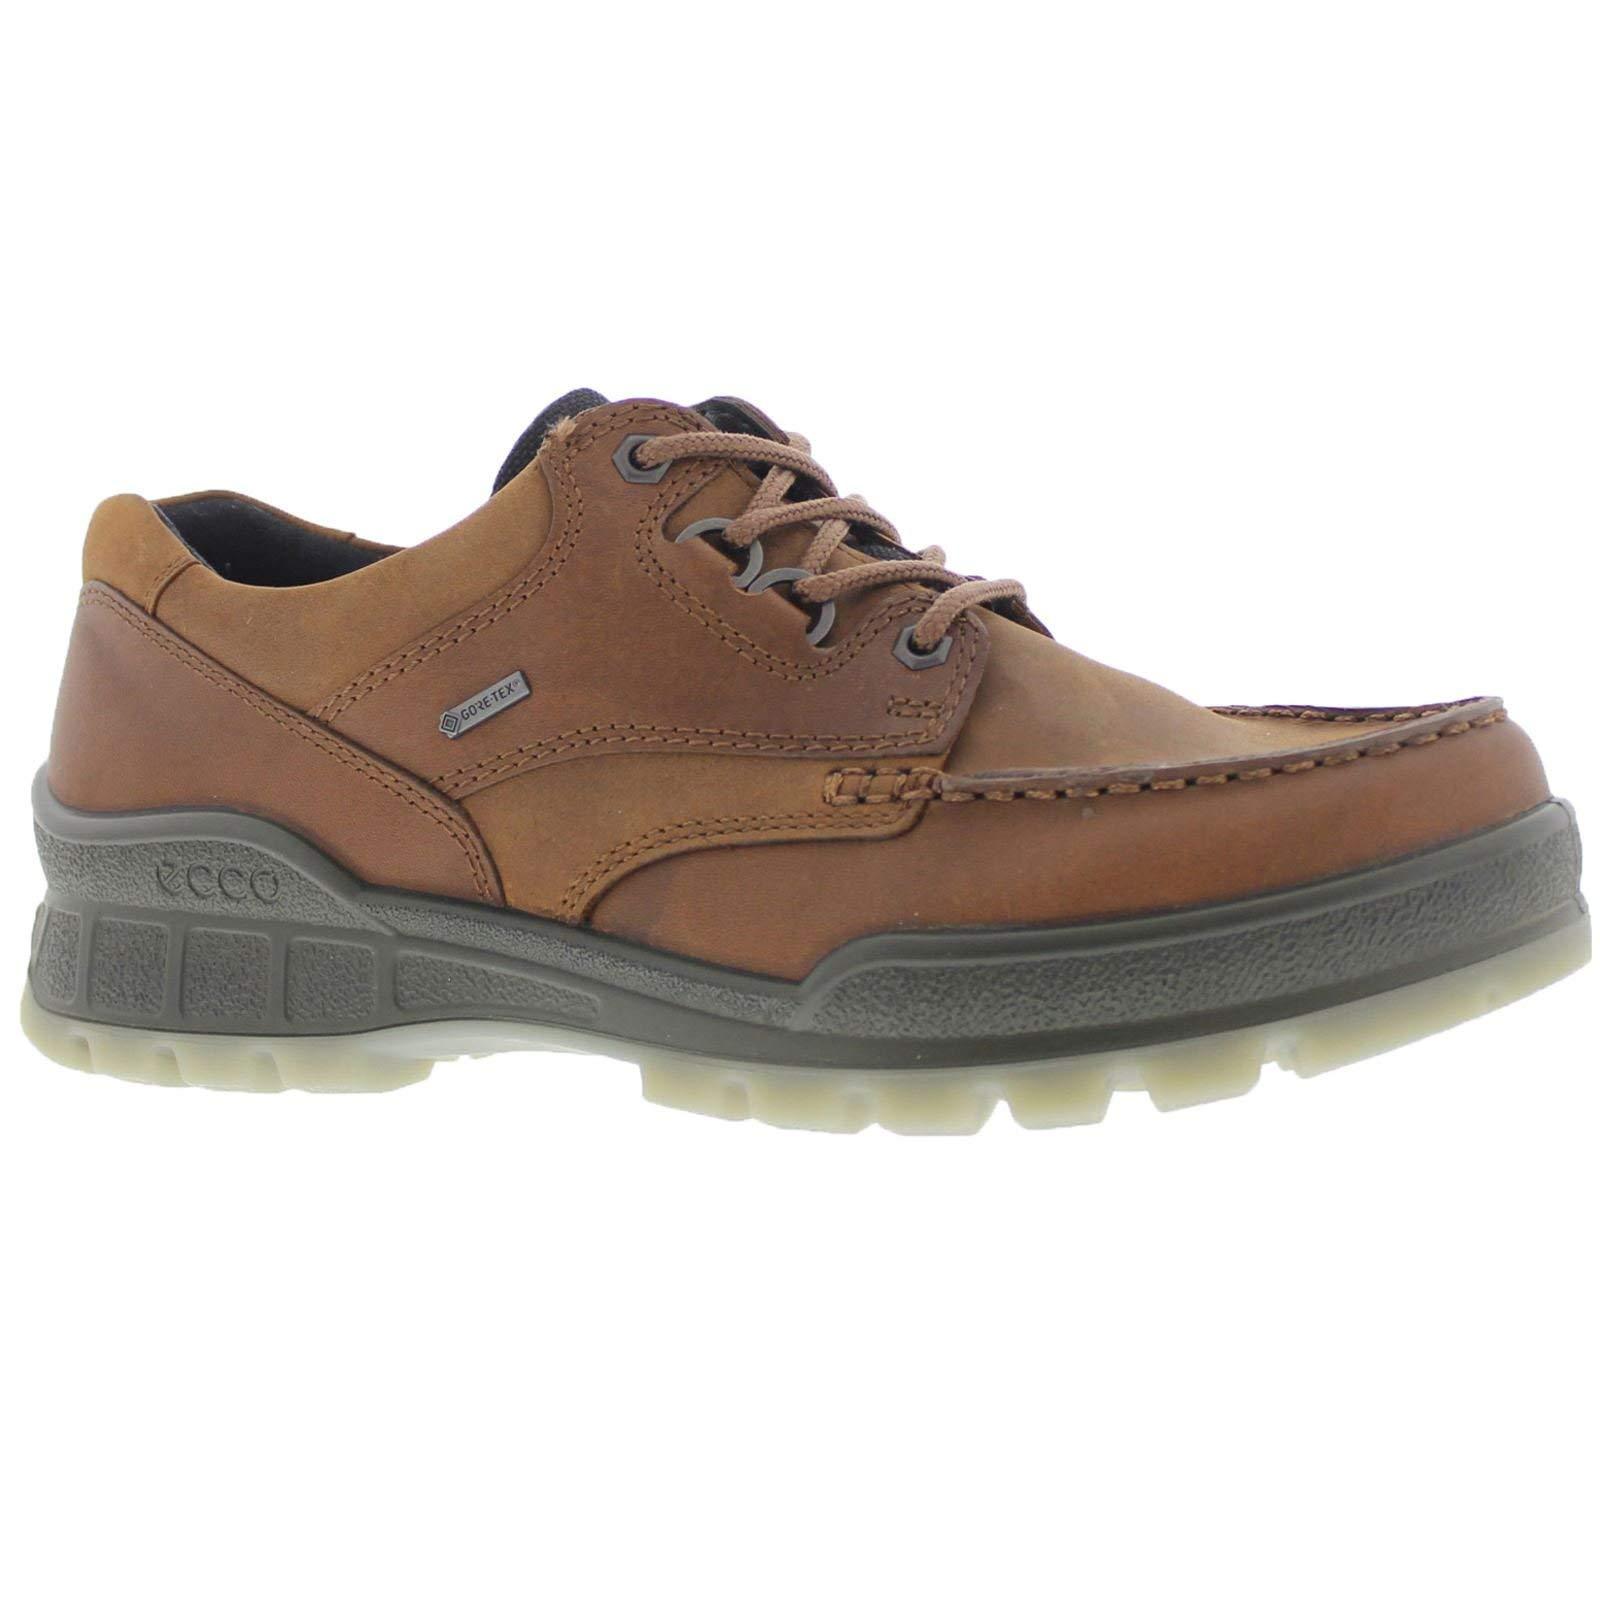 ECCO Men's Track 25 Low GORE-TEX waterproof outdoor hiking shoe, Bison/Bison, 46 M EU (12-12.5 US) by ECCO